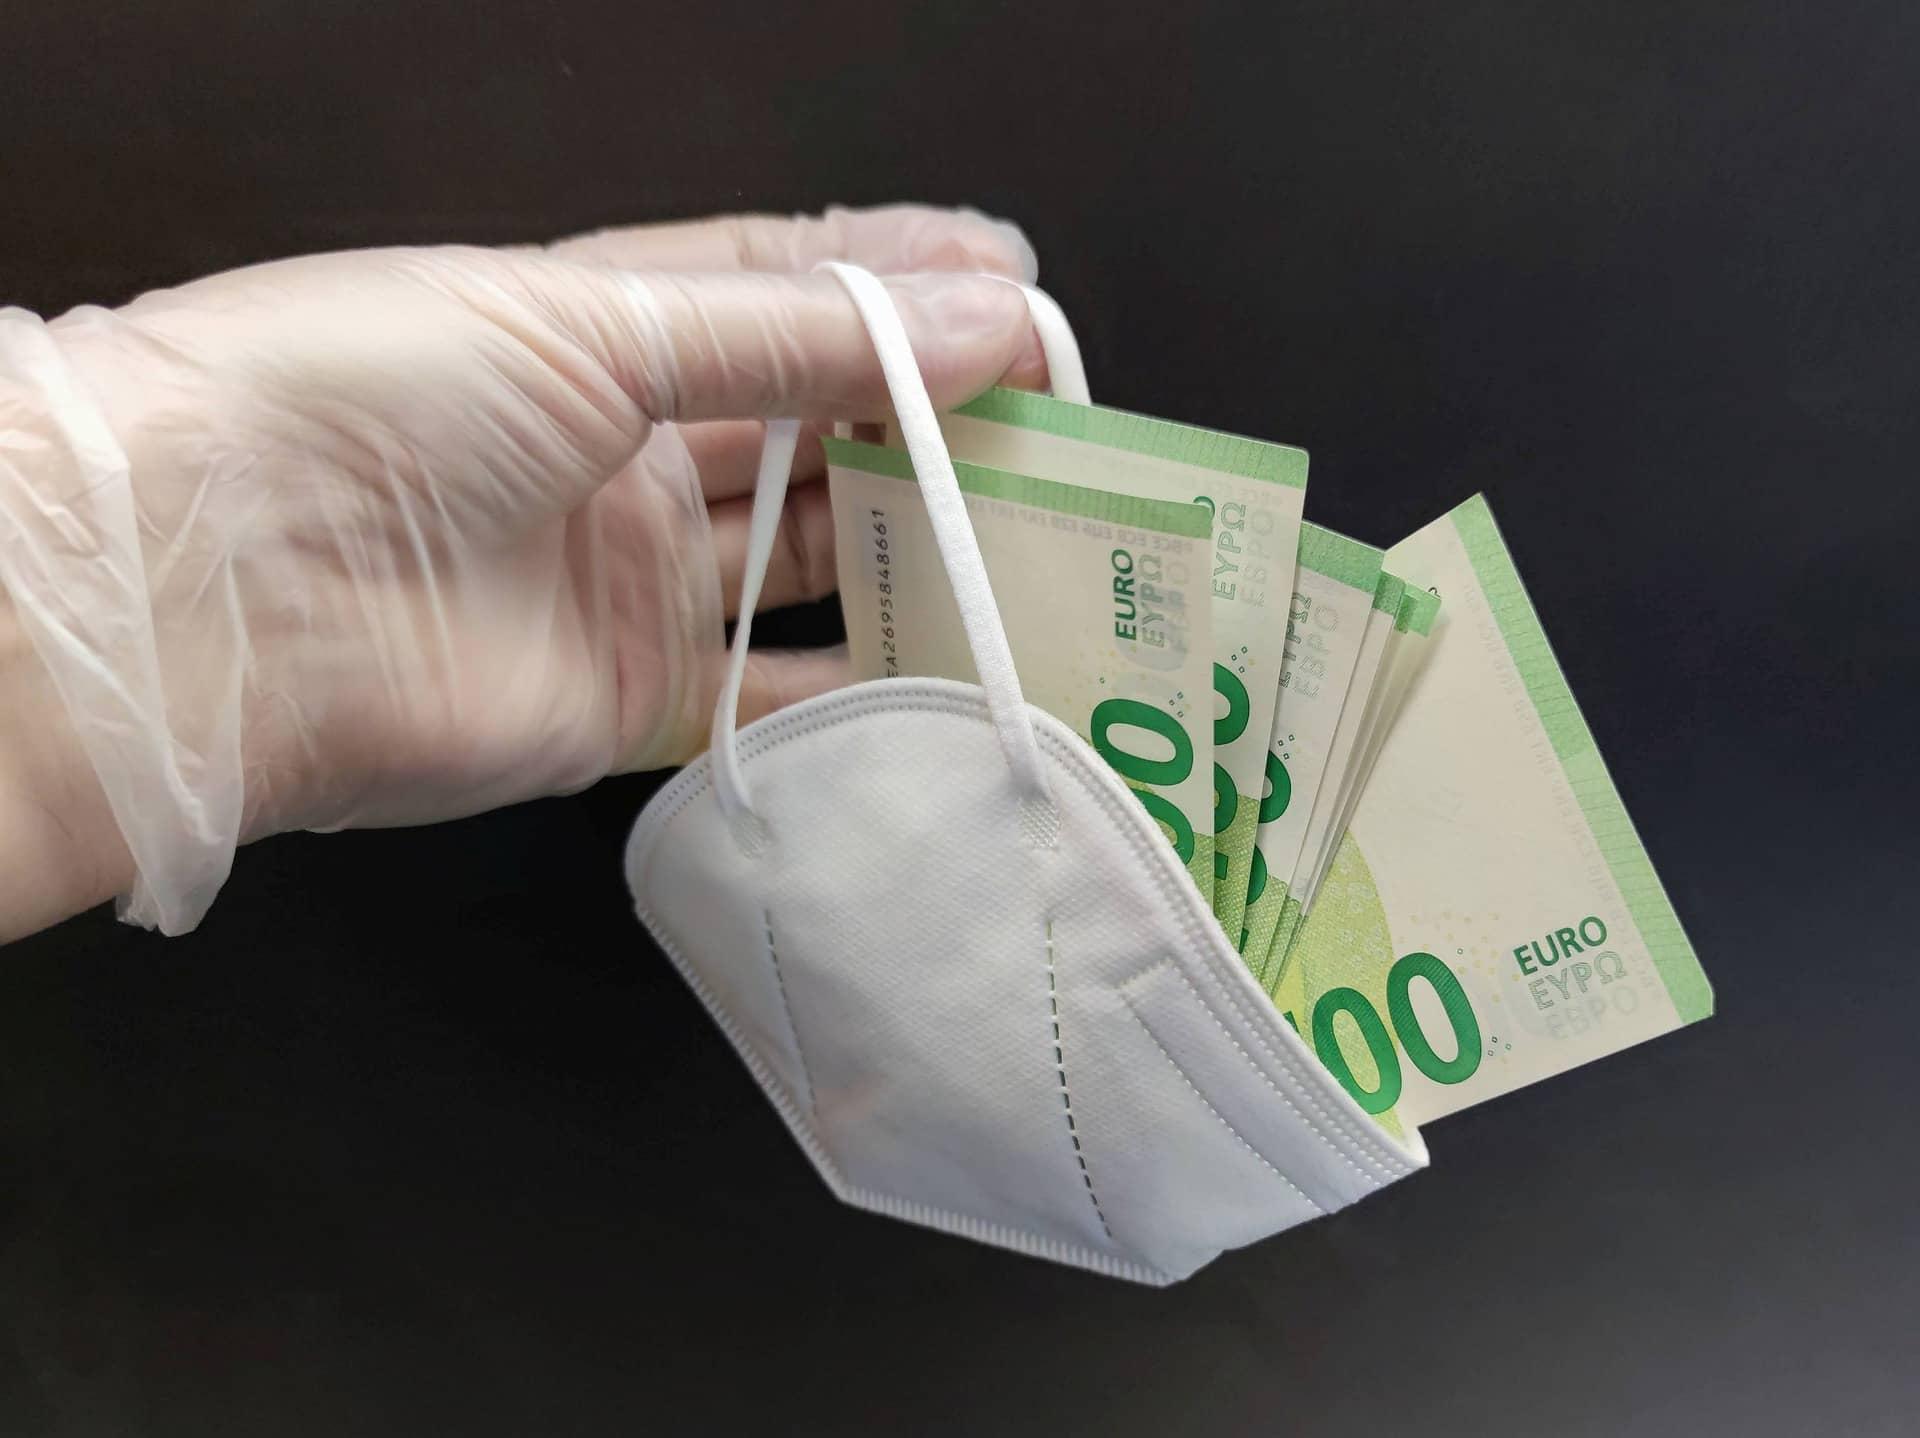 Crisi economica attuale tra mafia e covid